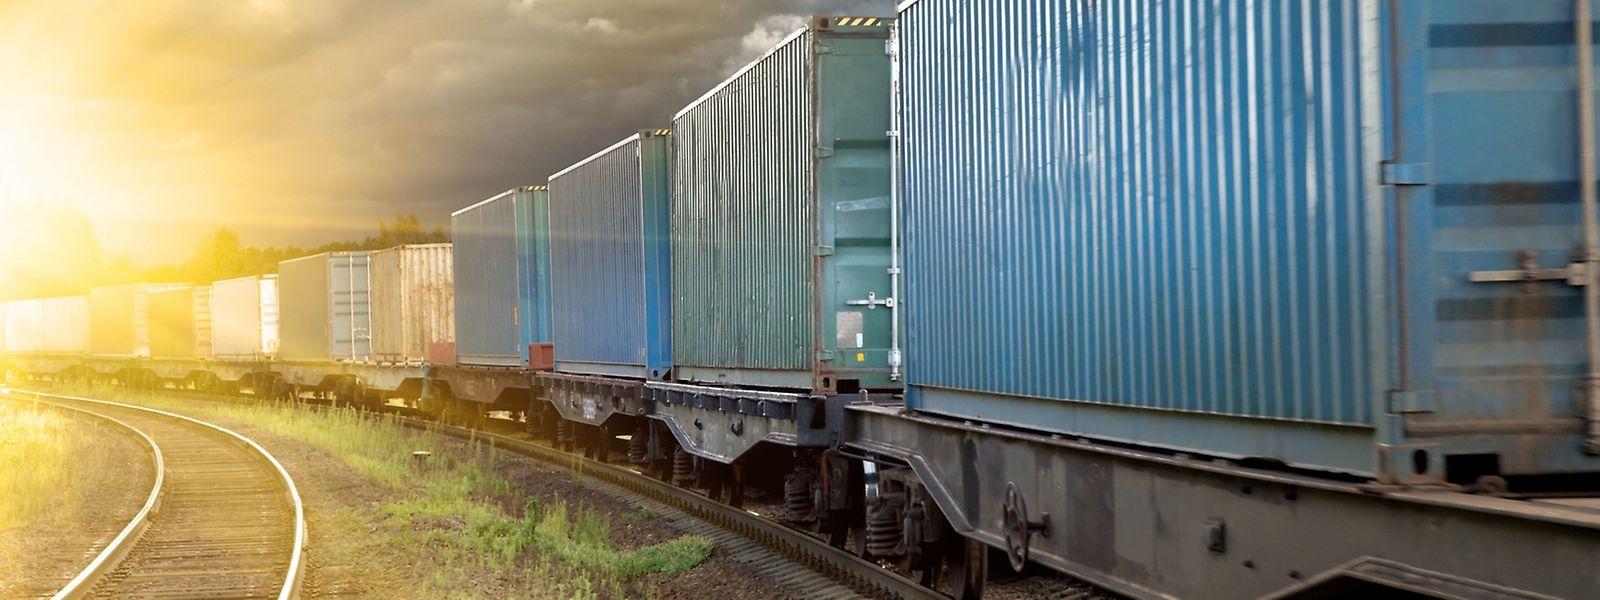 Für die rund 10000 Kilometer lange Strecke von Zhengzhou bis nach Mitteleuropa benötigen die Güterzüge in der Regel gut zwei Wochen.